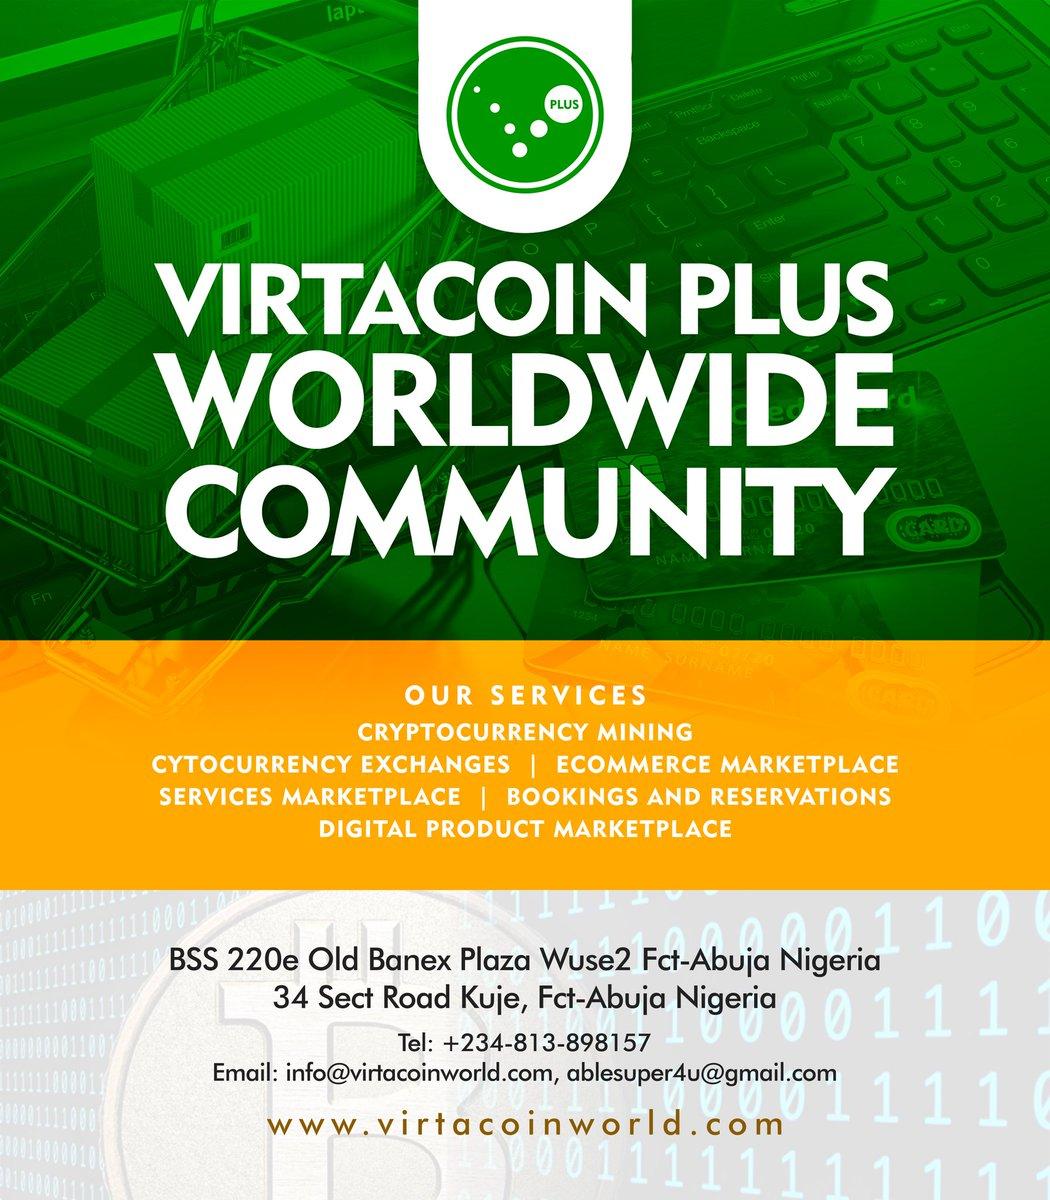 #handbills made for our client virtacoinworld. Call/whatsapp 07032879723 form the best deals in flyers.#swiftmediang #handbills #designs <br>http://pic.twitter.com/TcdchBonyG